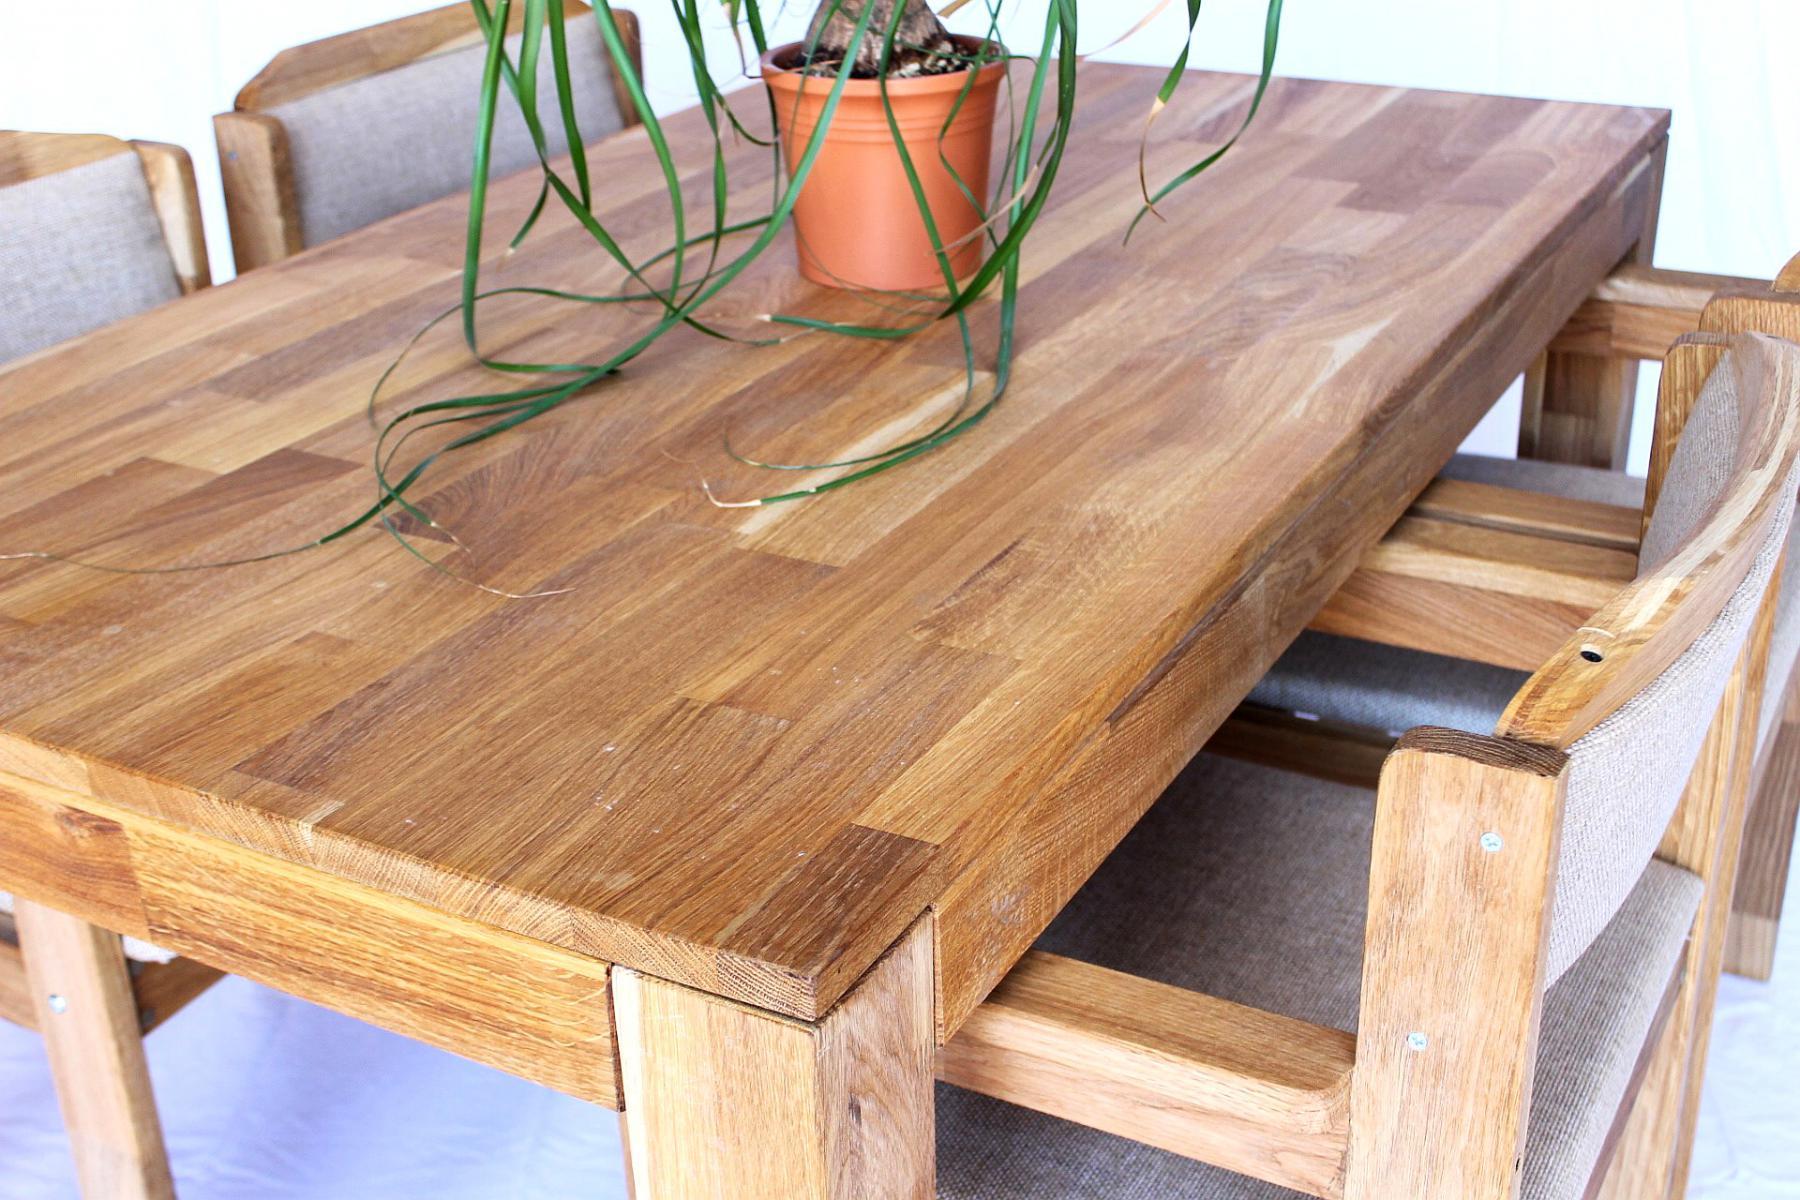 DanDiBo Sitzgruppe Esstisch 150 cm x 83 cm mit 4 Stühlen Eiche